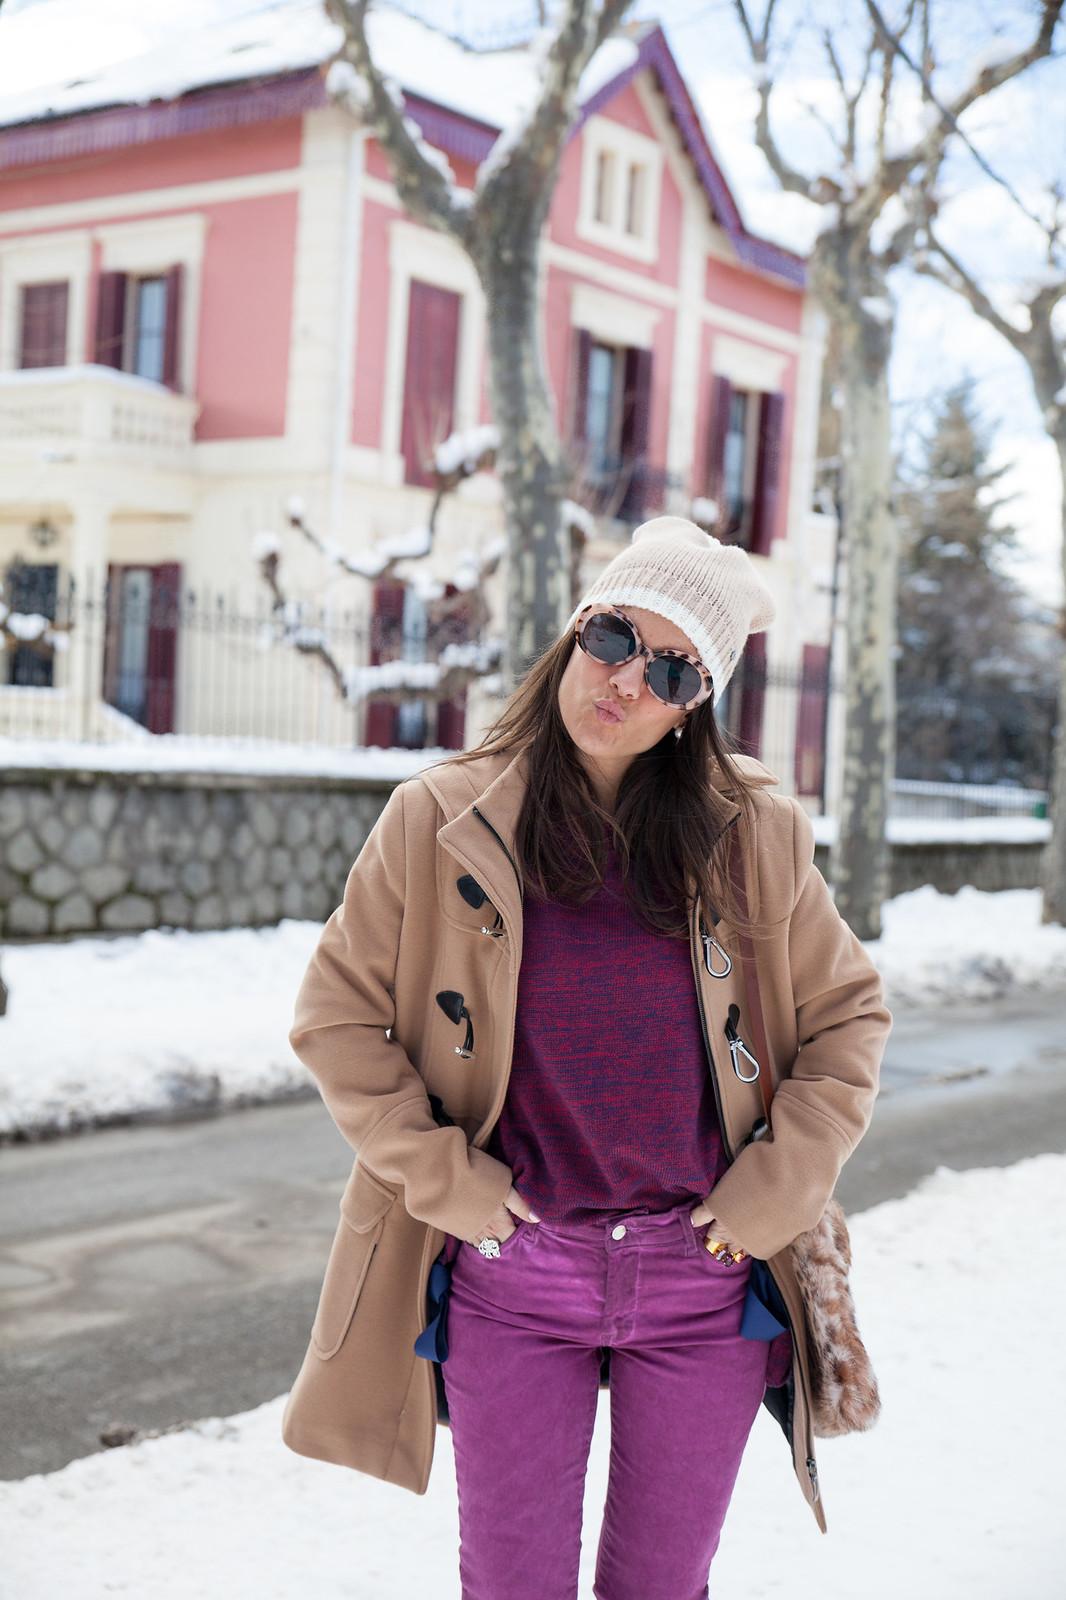 como ir vestida a la nieve arreglada con un look magenta abrigo en color nude estilo parka mou boots theguestgirl the guest girl fashion influencer barcelona parfois streetstyle fashion week kiss love san valentin